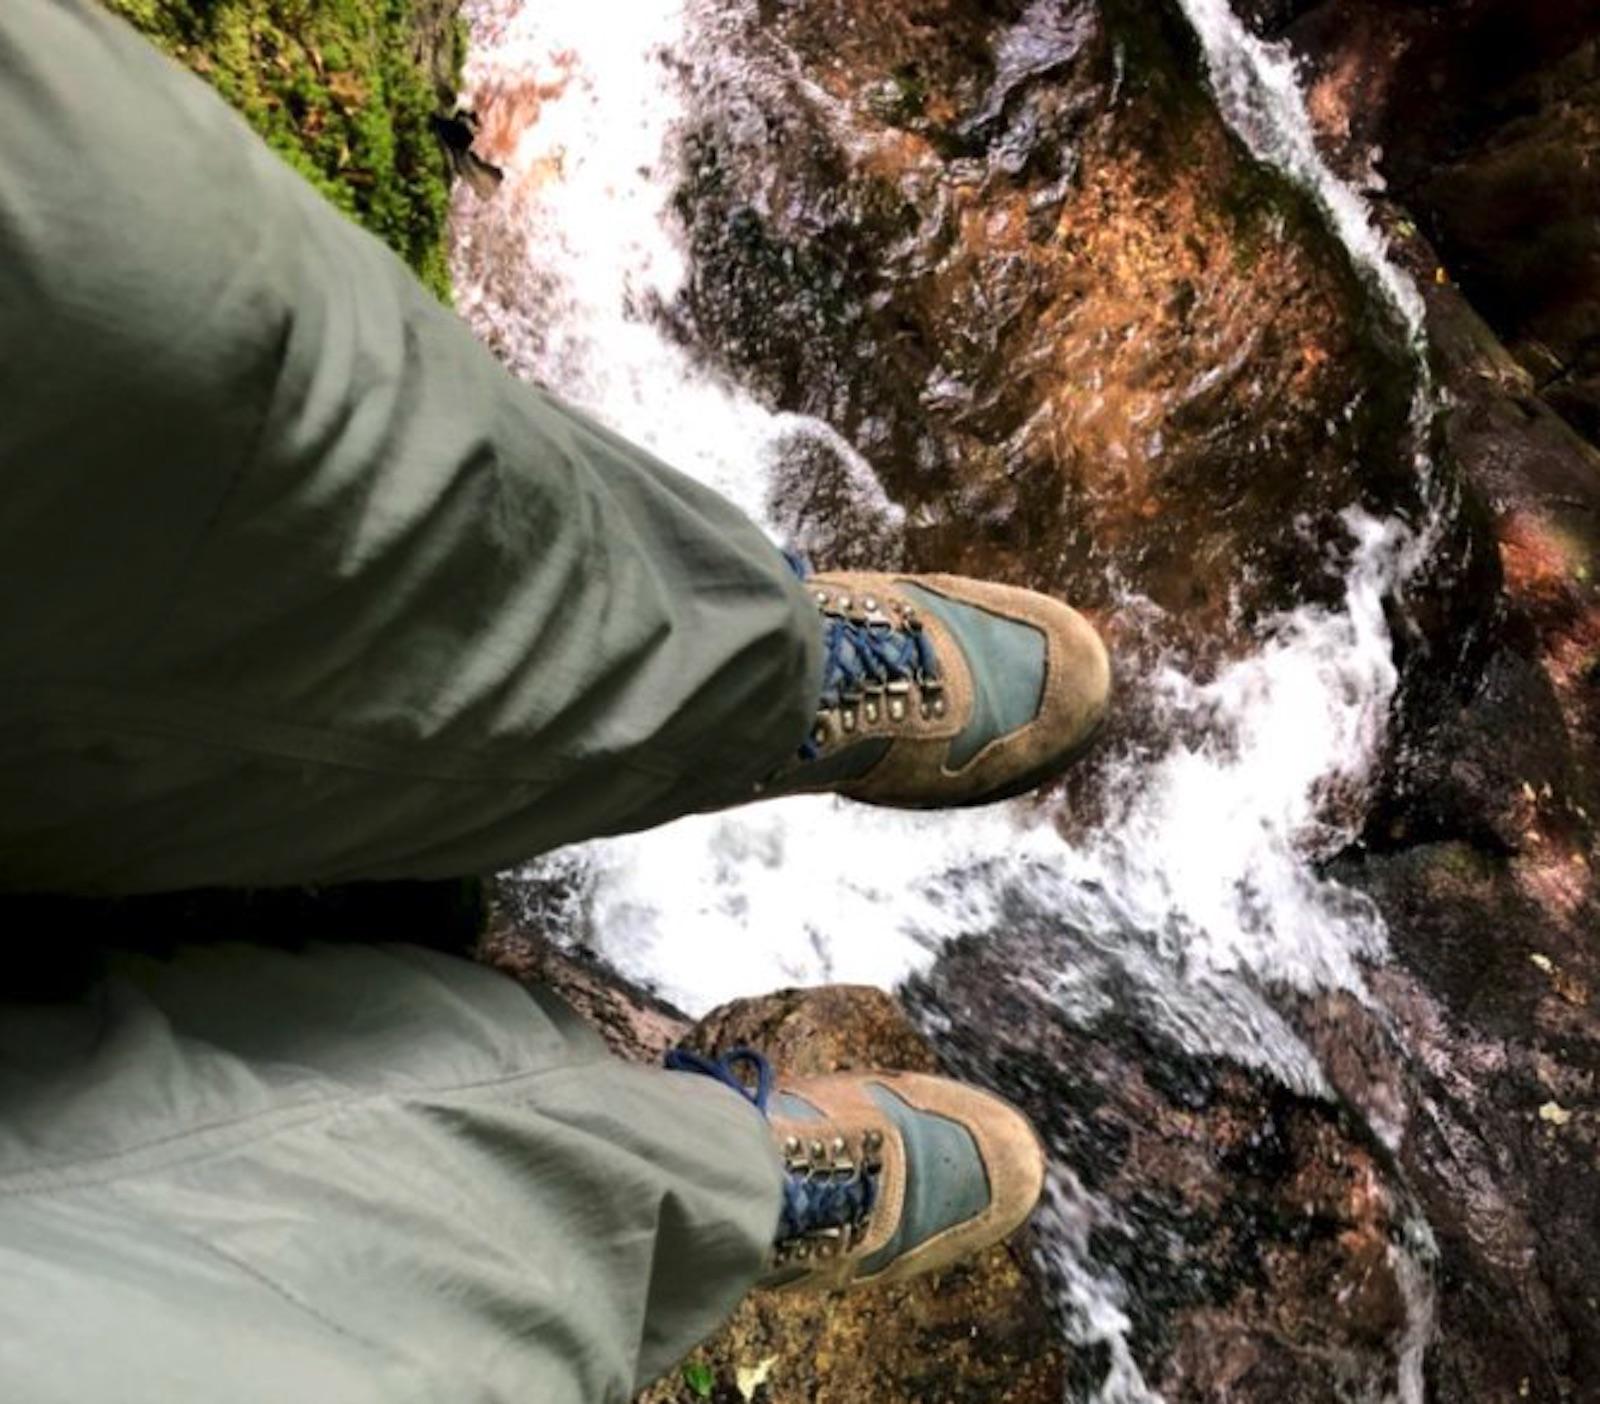 Feet over the edge needing reset